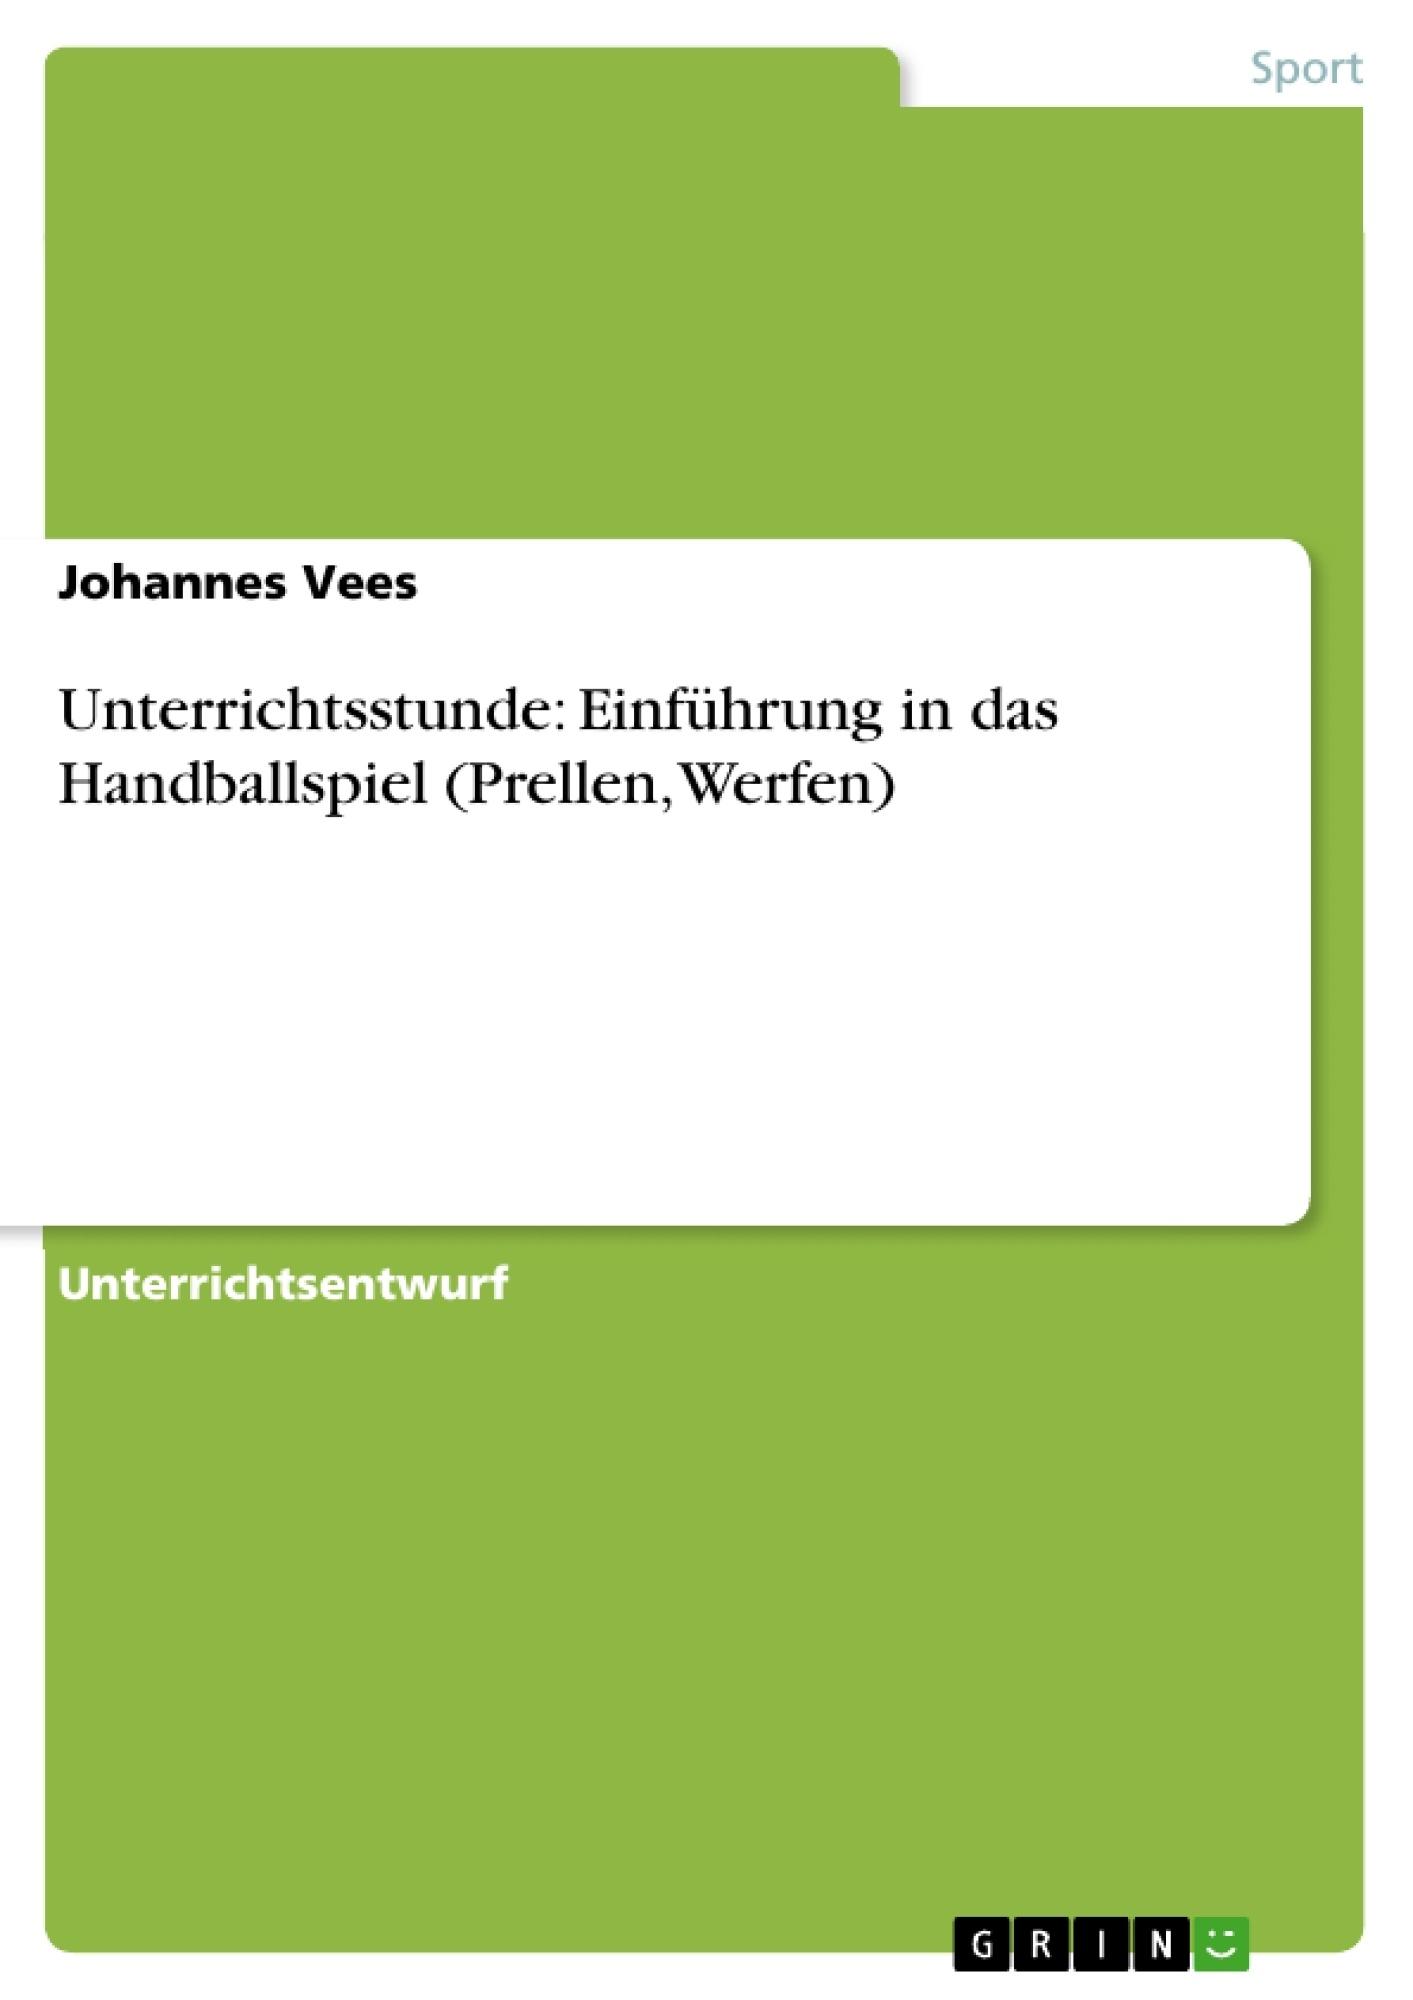 Titel: Unterrichtsstunde: Einführung in das Handballspiel (Prellen, Werfen)